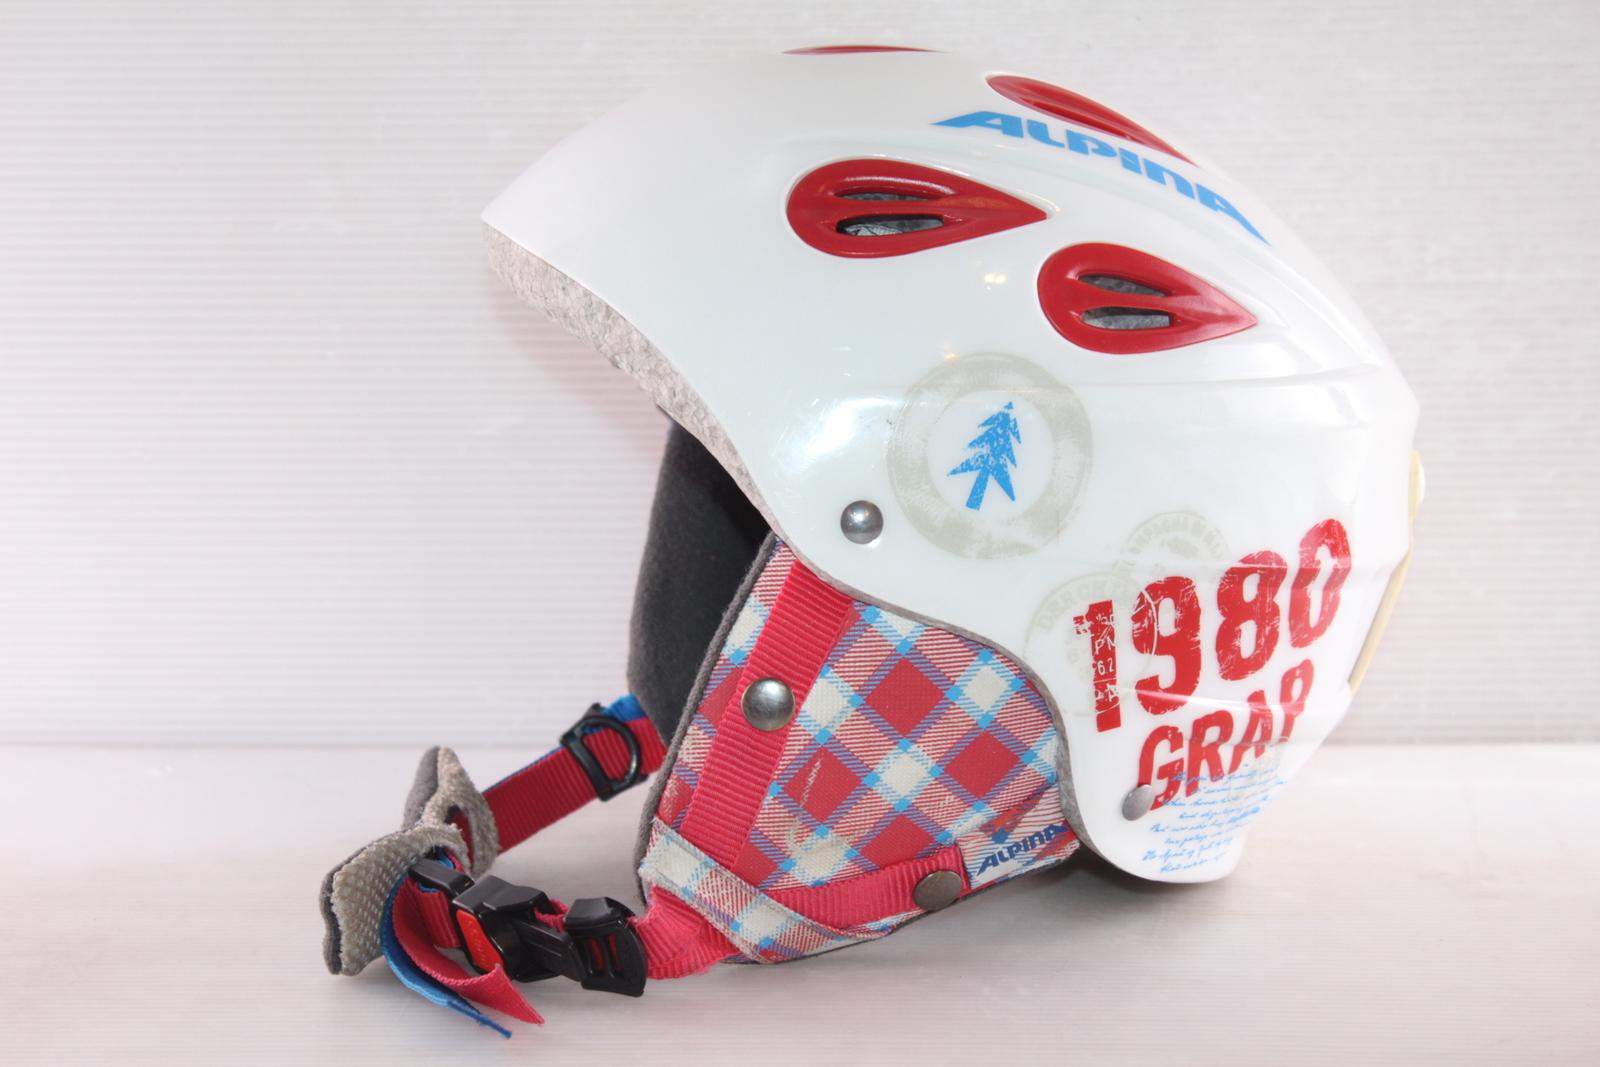 Dětská lyžařská helma Alpina Grap JR - posuvná vel. 51 - 54